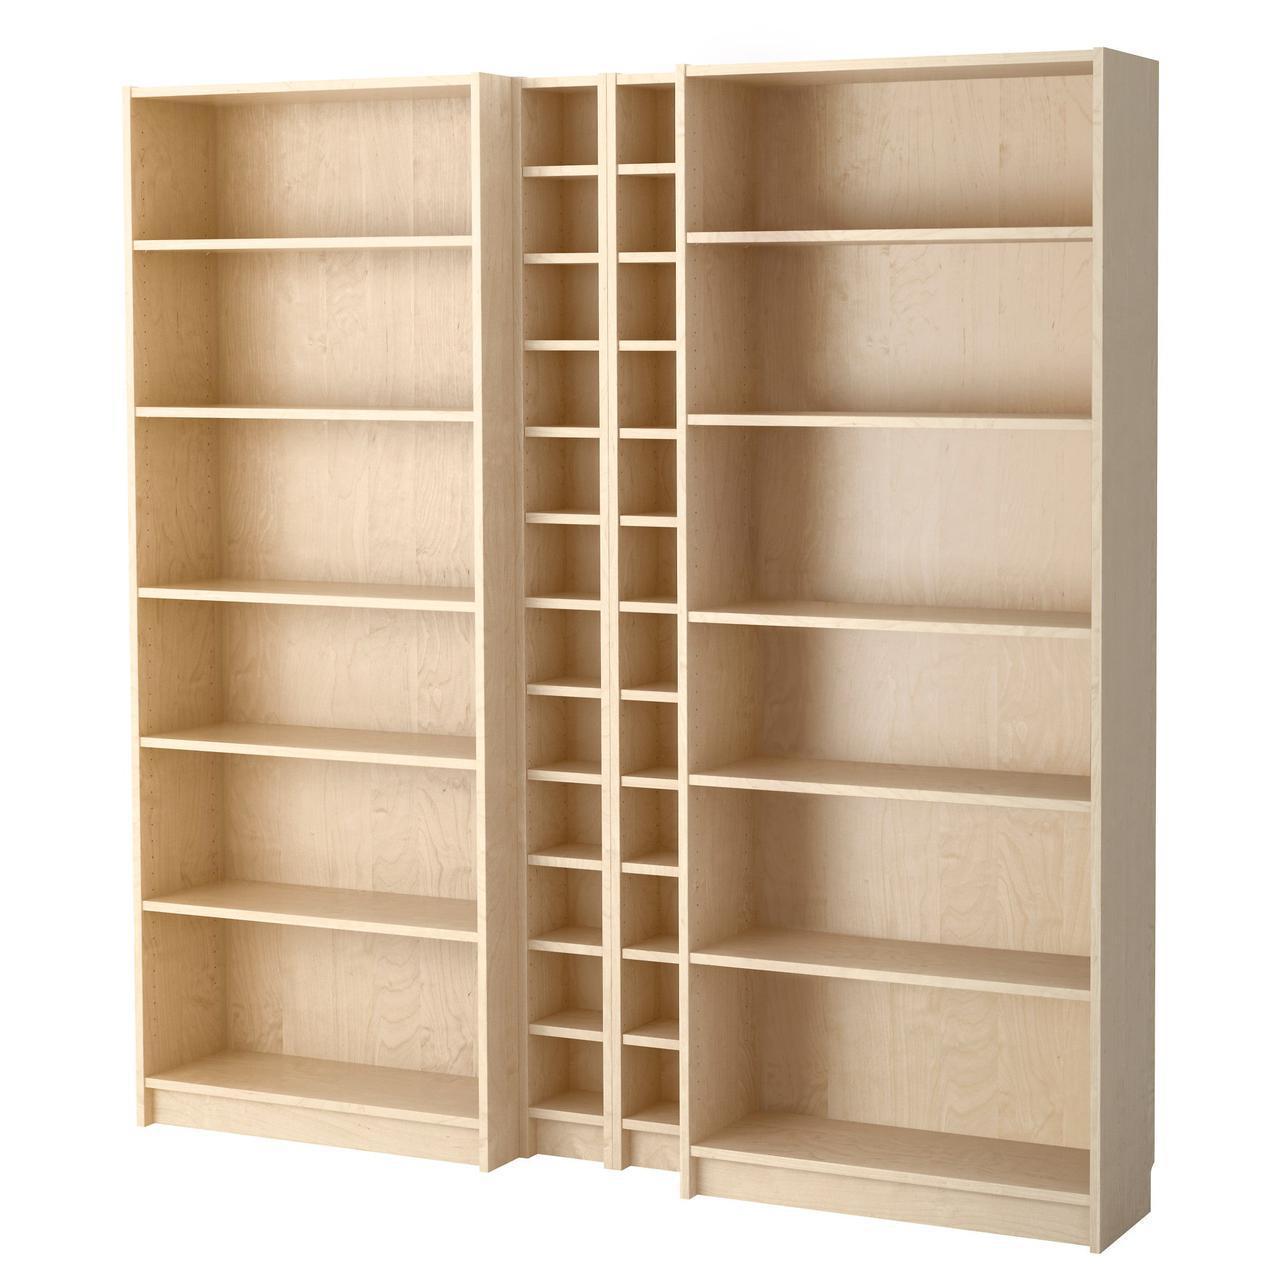 Стеллаж IKEA BILLY / GNEDBY 200x202x28 см березовый шпон 090.234.03